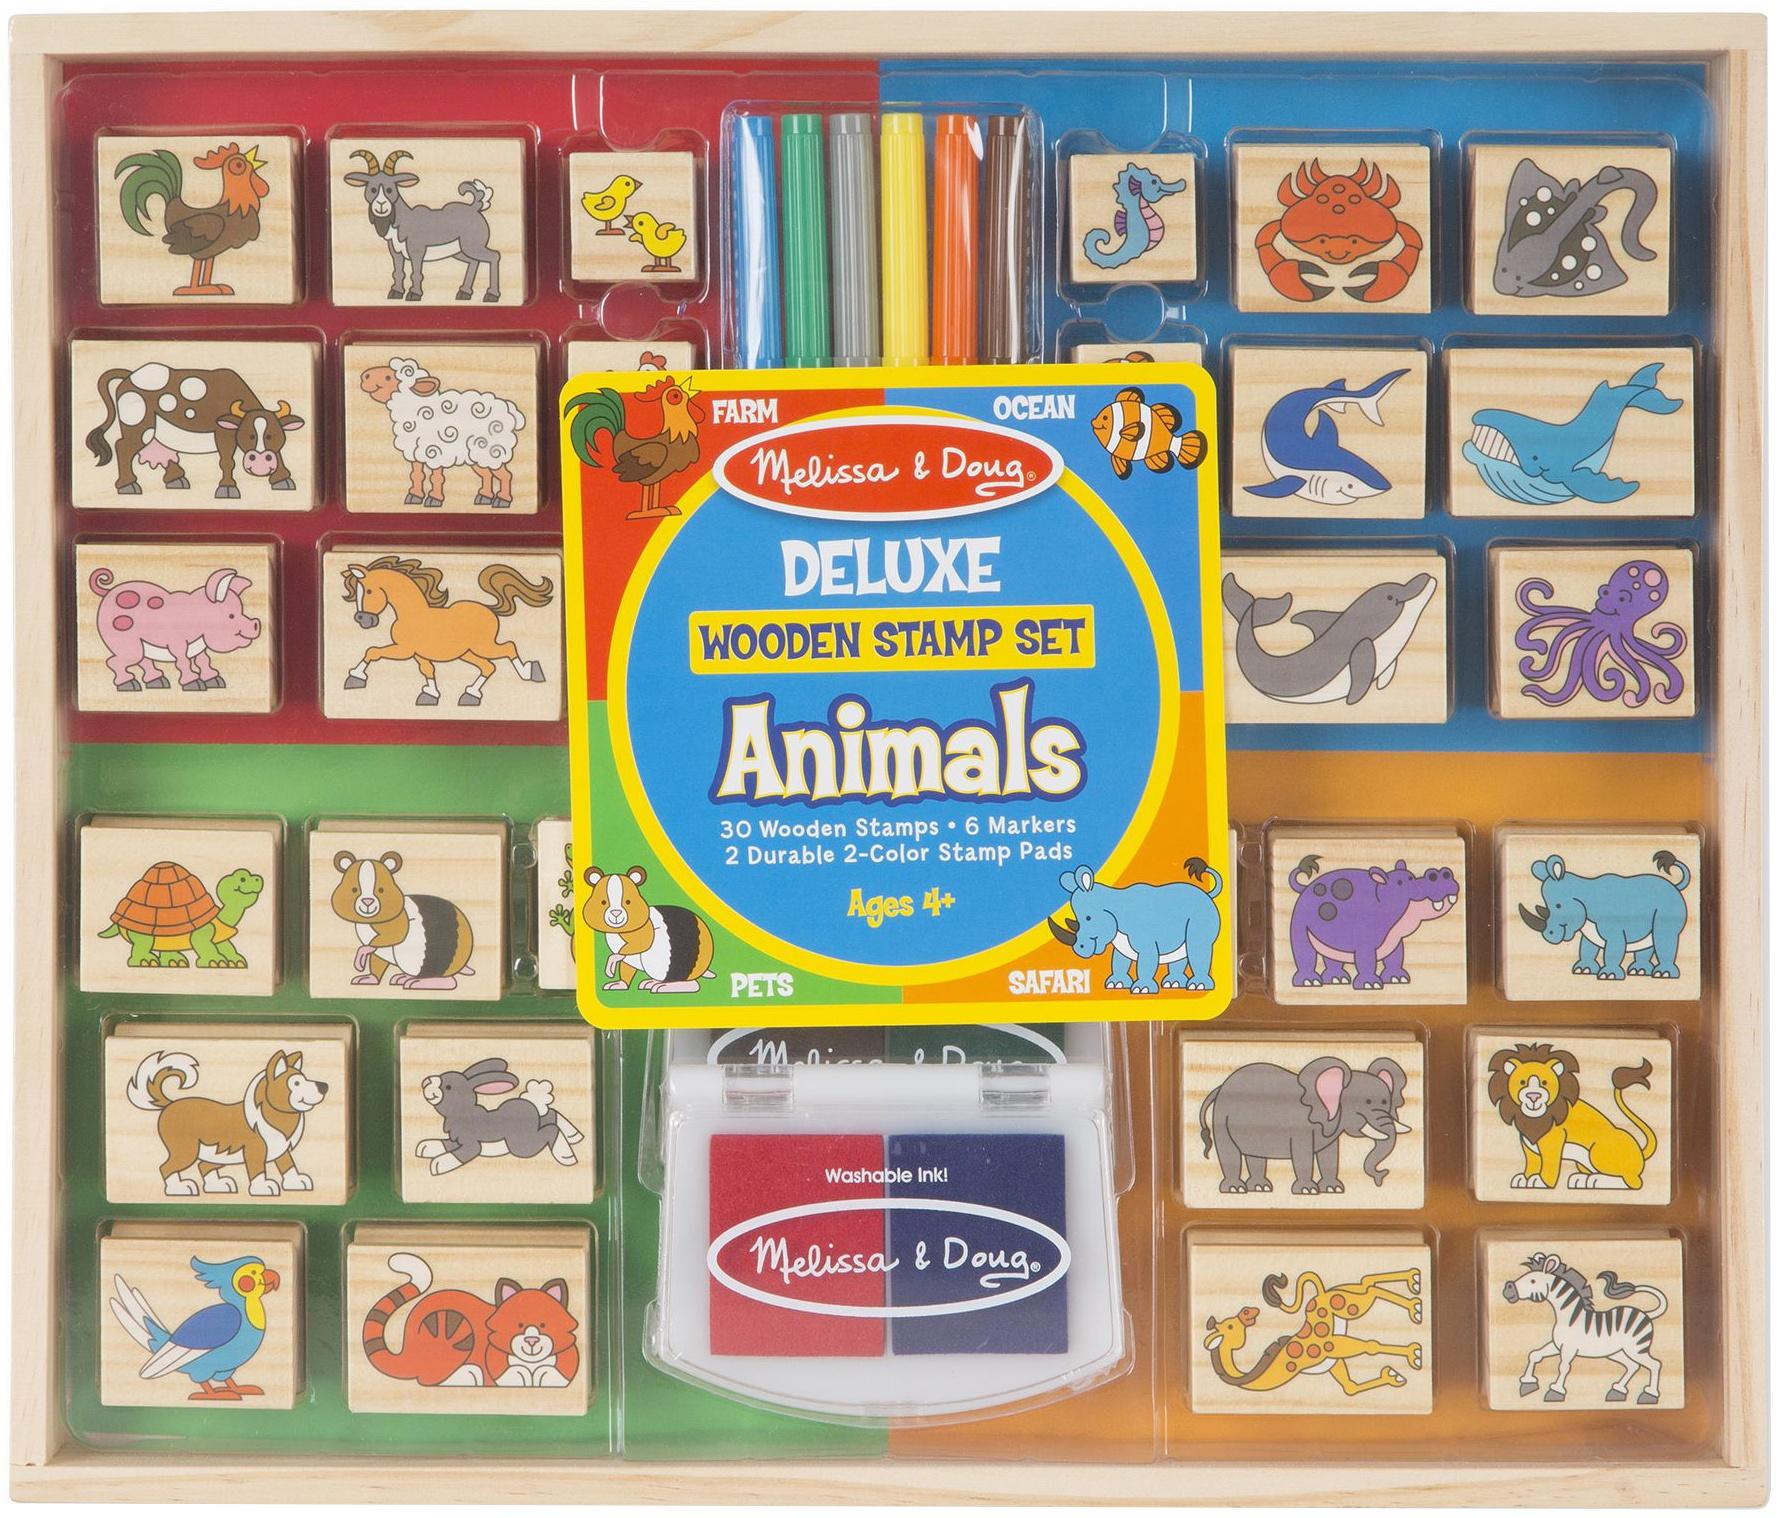 Deluxe Wooden Stamp Set -Animals